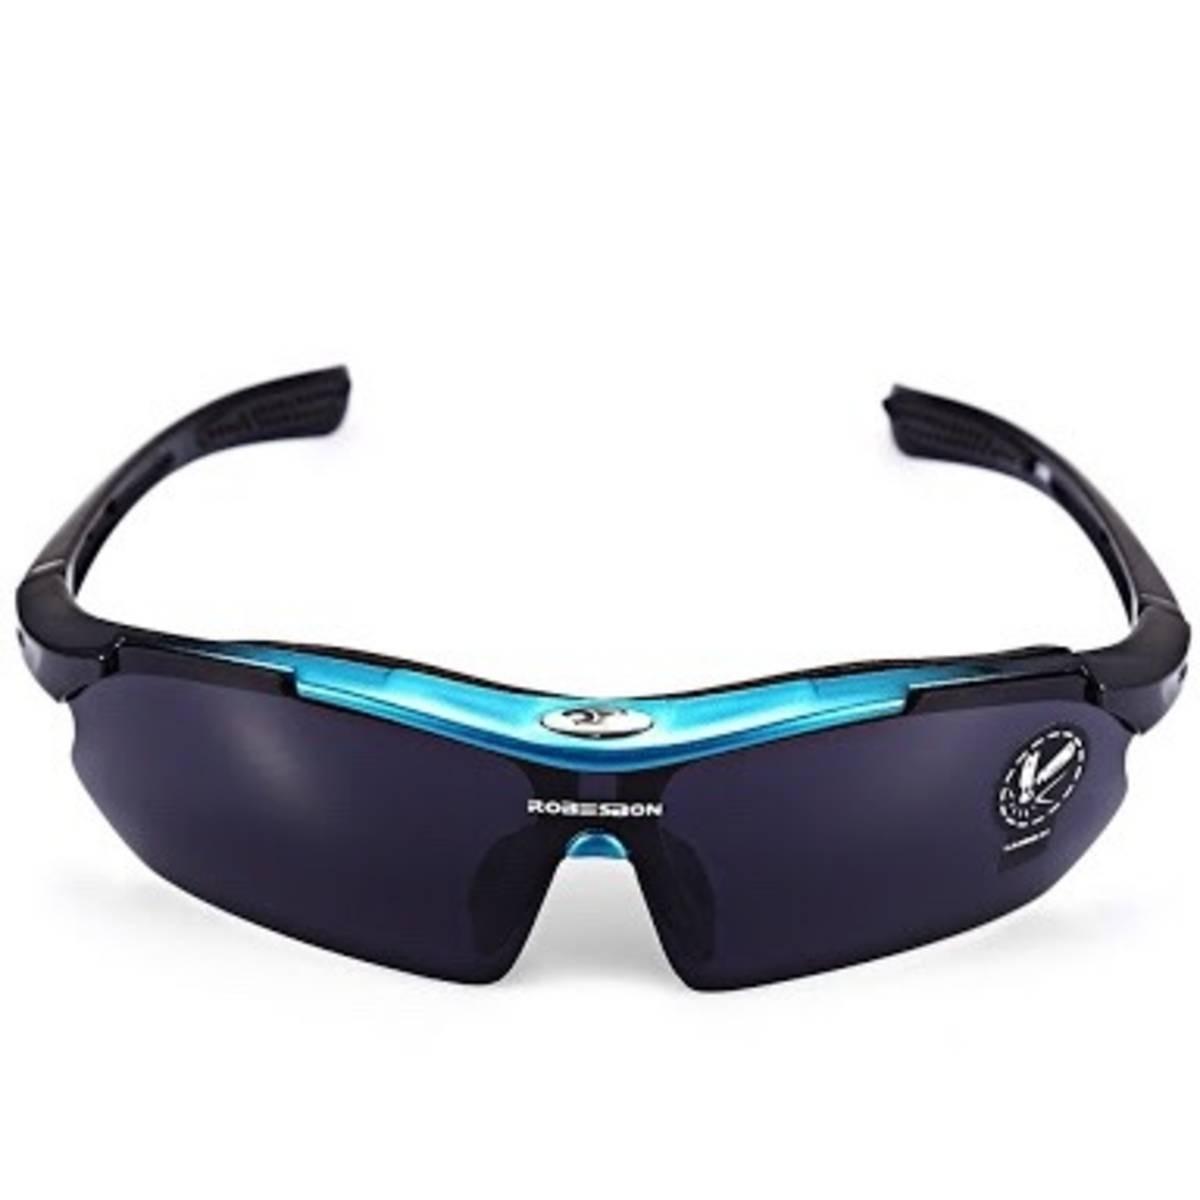 c6b4f91e64c88 Óculos Sol Robesbon Ciclista Pesca Ciclismo Moto Uv400 - R  22,90 em ...